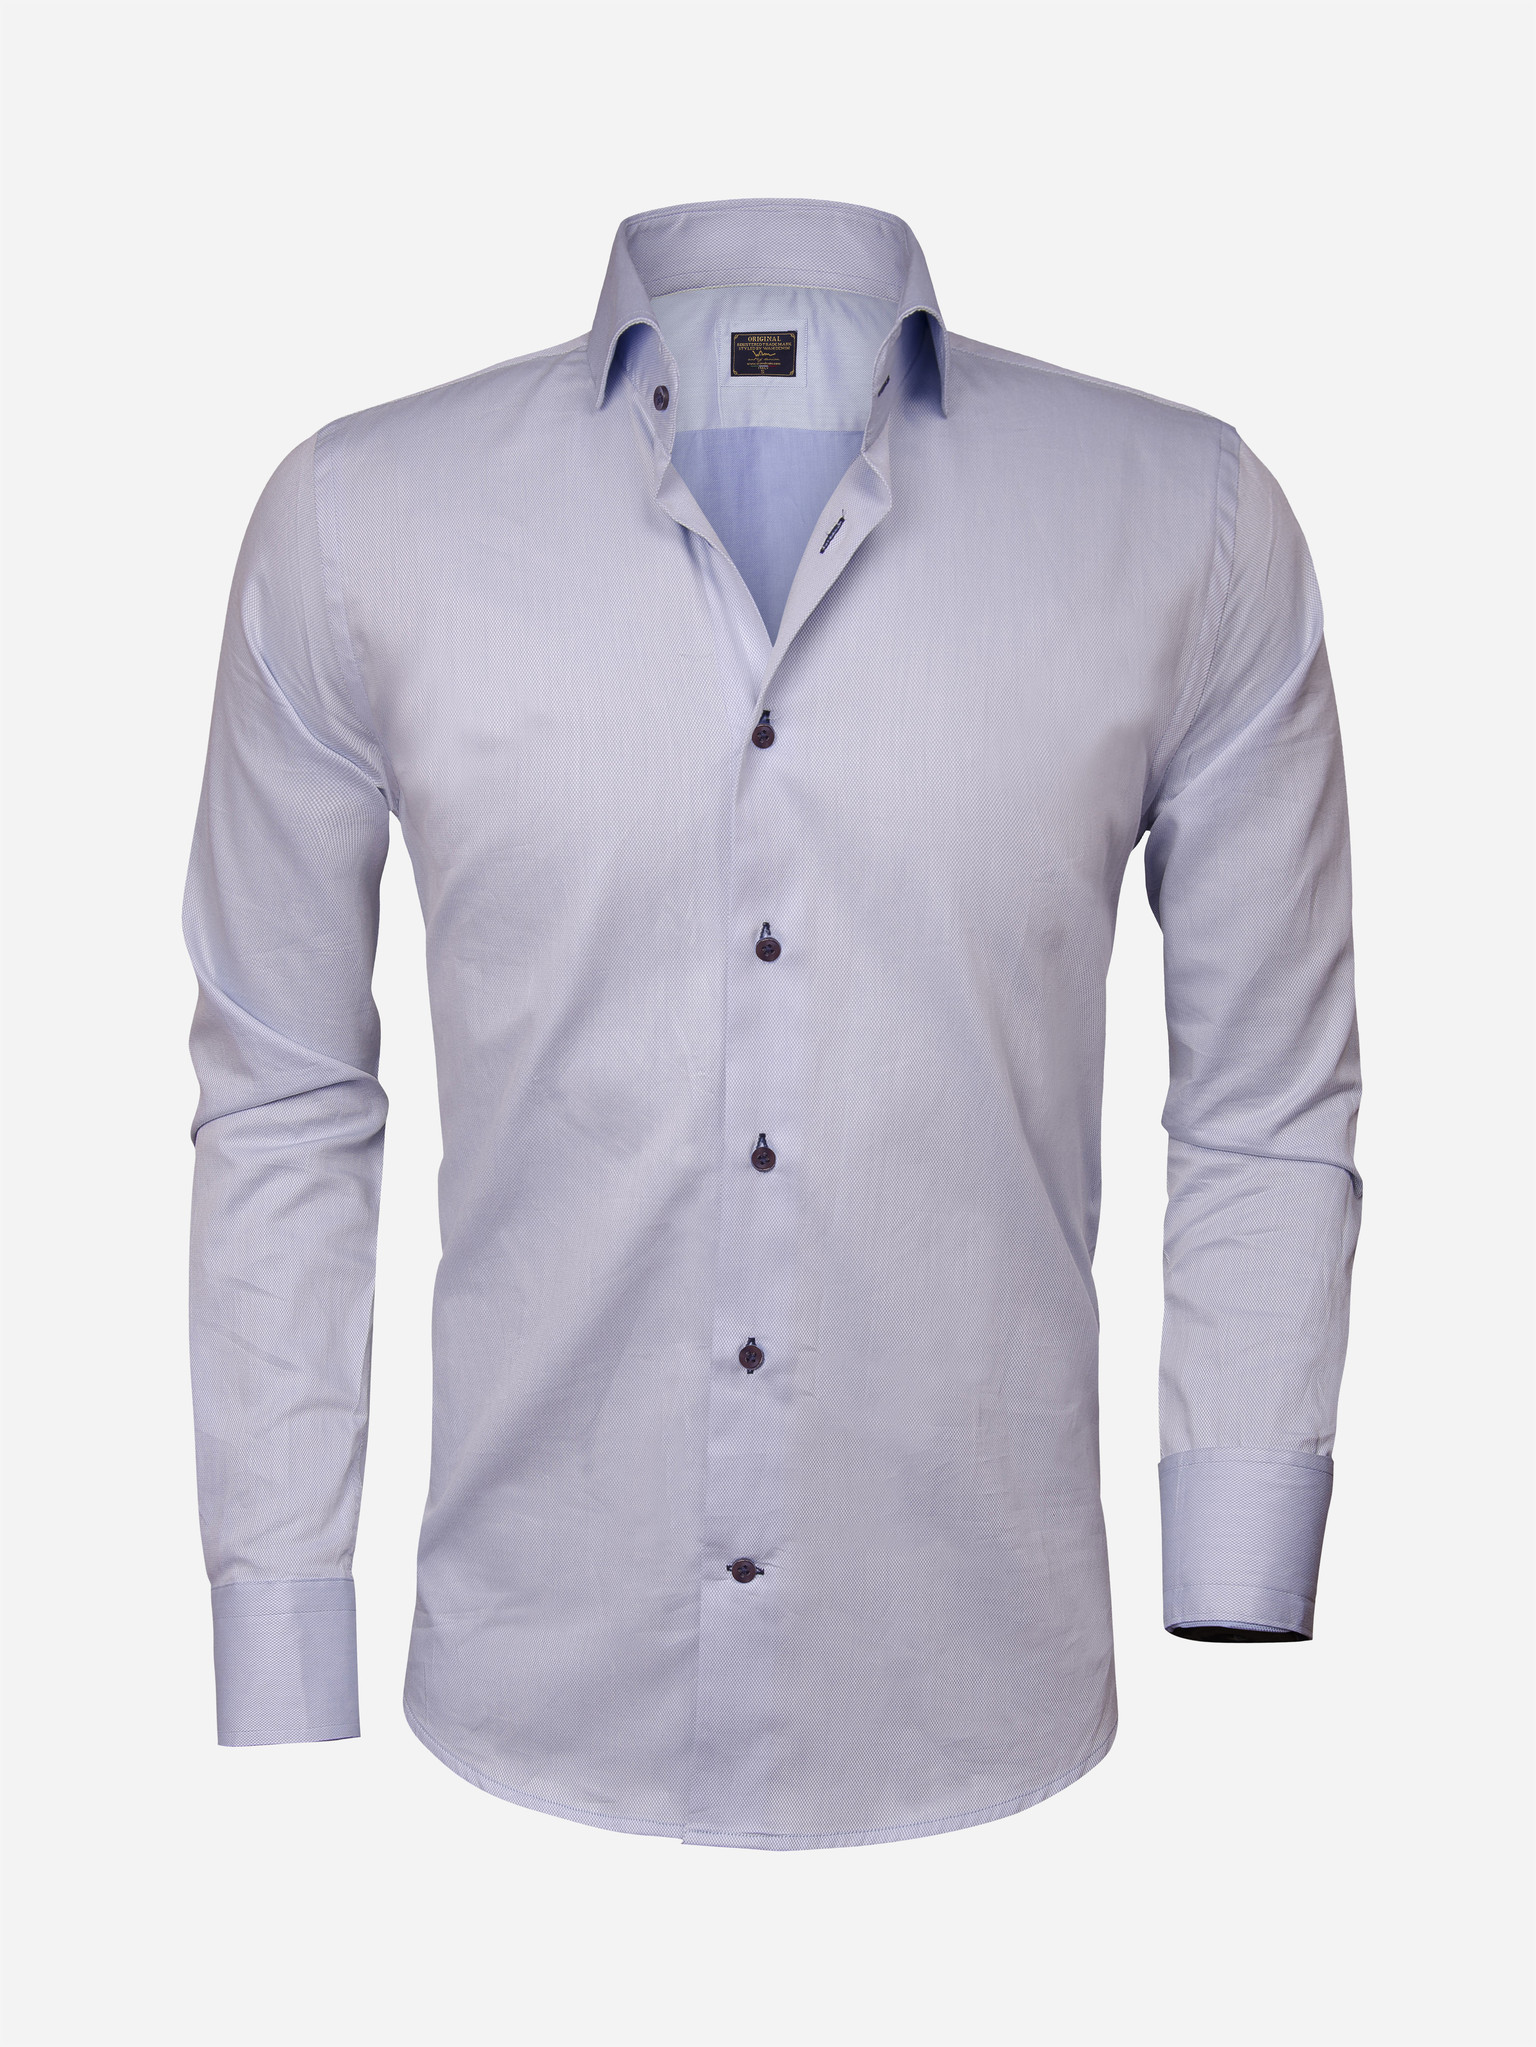 Wam Denim Overhemd Lange Mouw  Maat: L